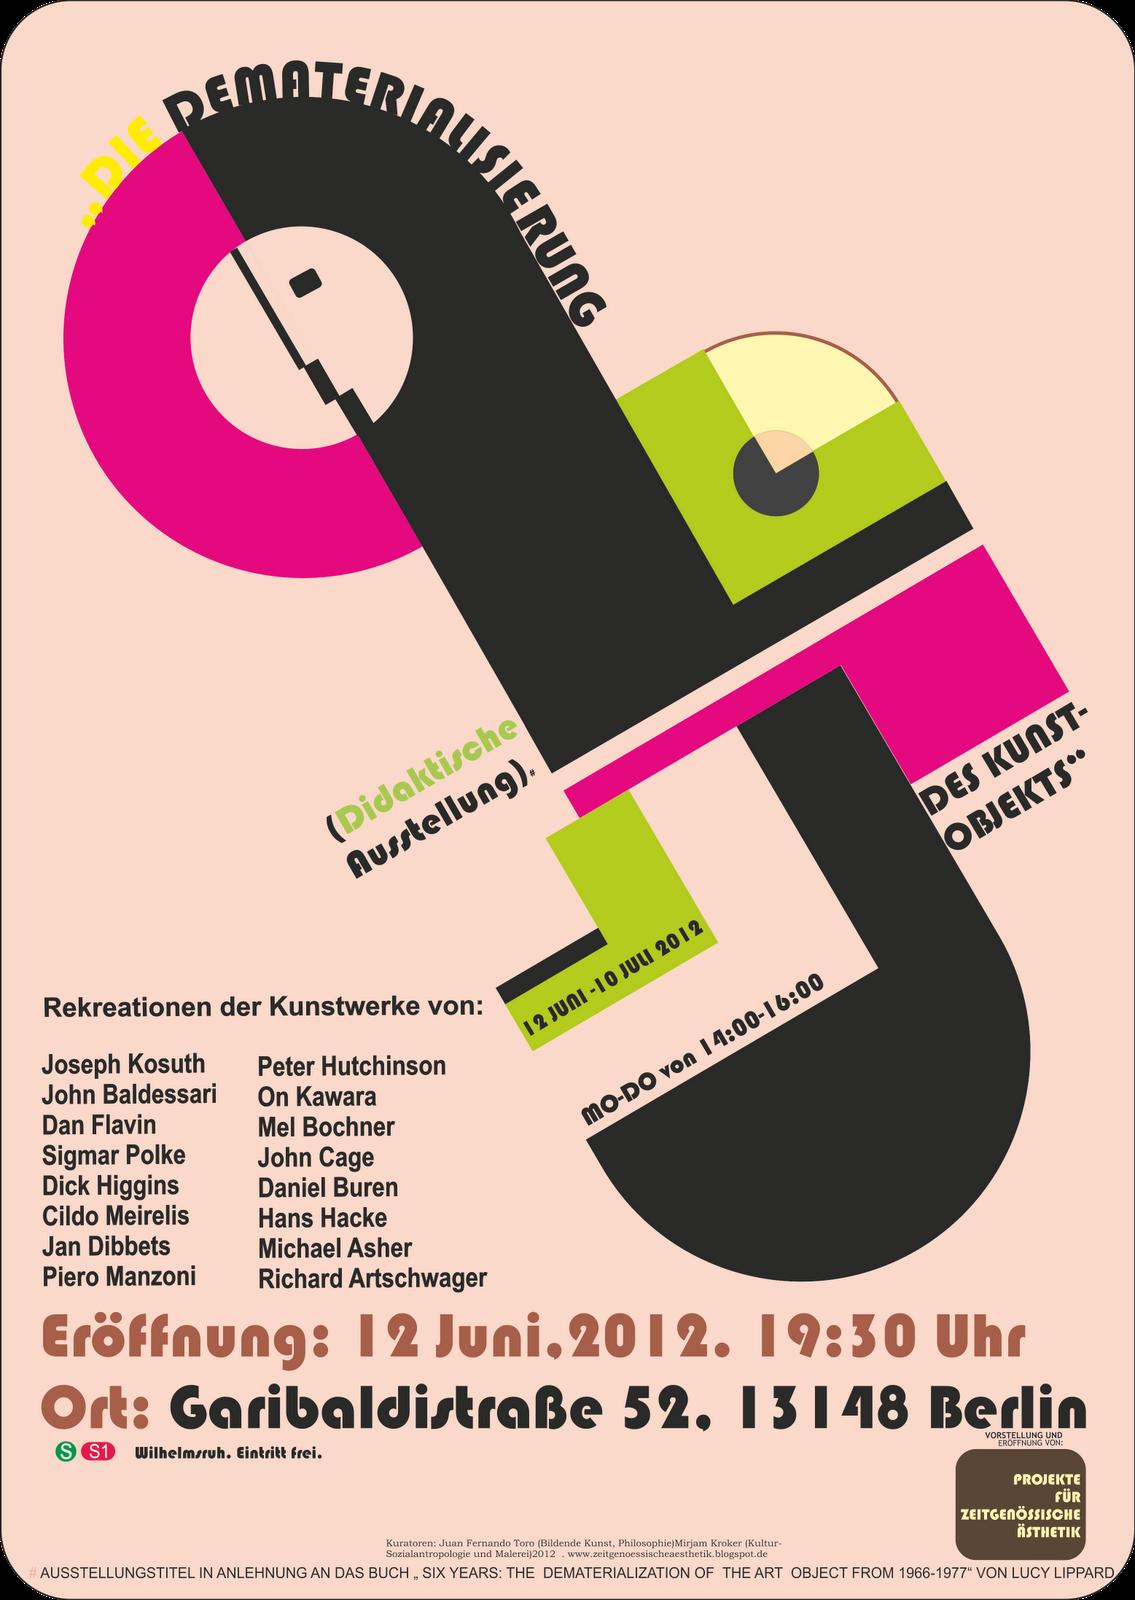 Projekte für zeitgenössische Ästhetik. http://www.zeitgenoessischeaesthetik.blogspot.de/#